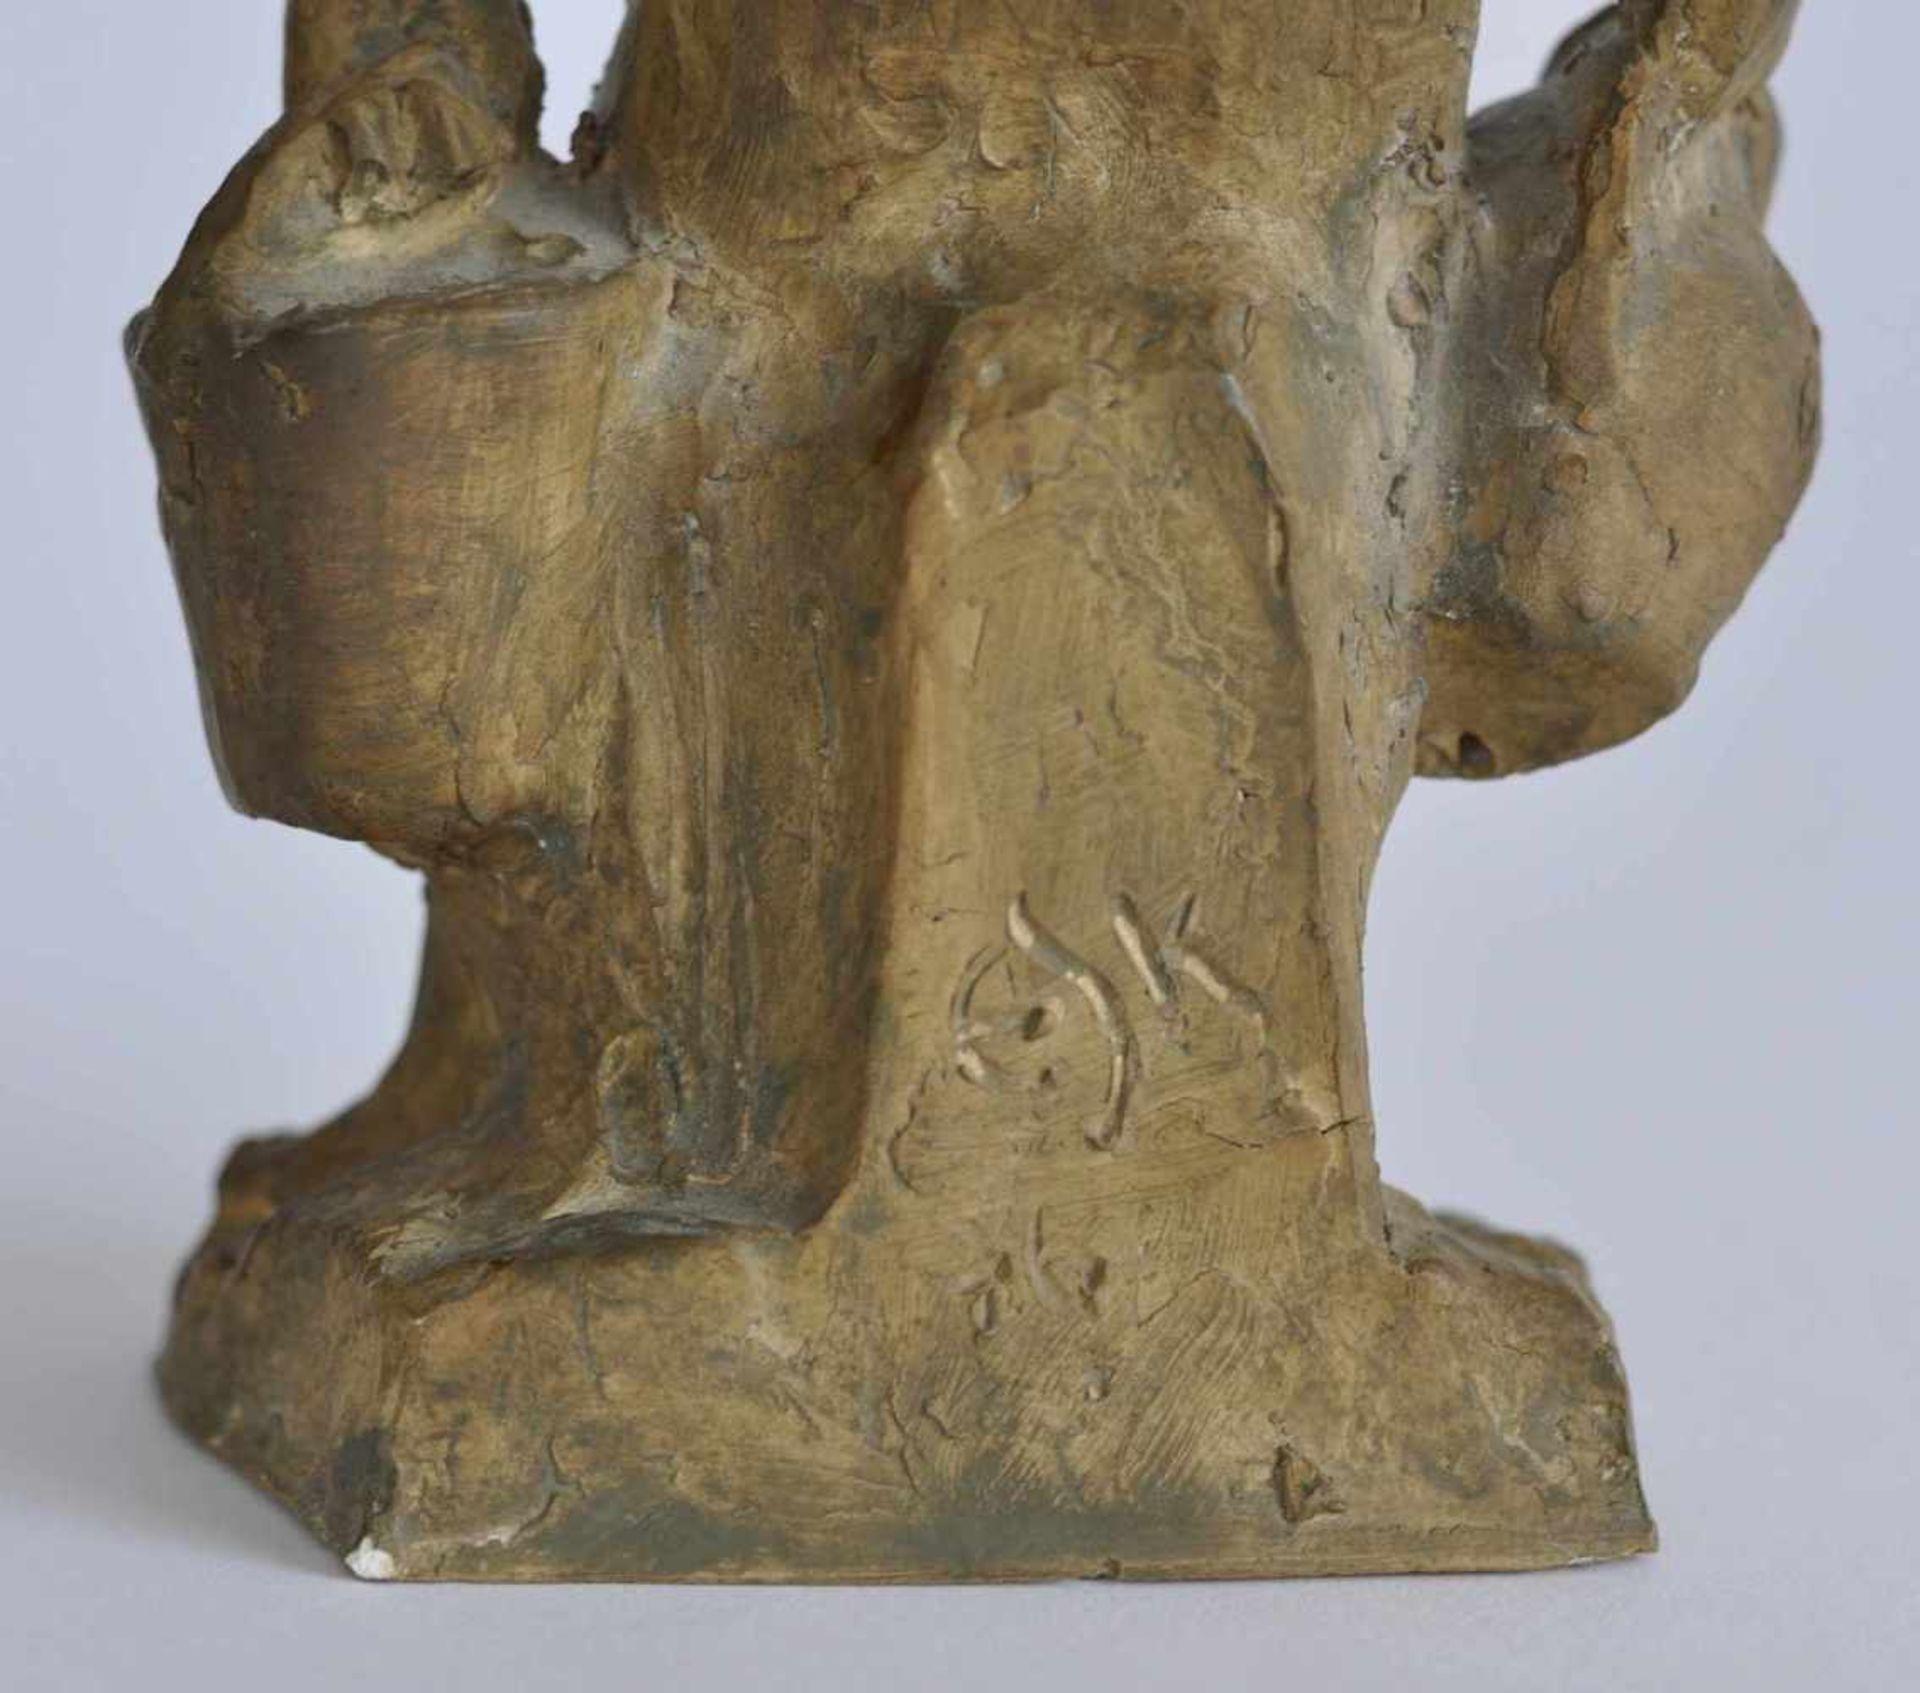 SCHÖNBOHM-KELLER, Elsbeth (*1901 Stuttgart +1992), Skulptur, weißer Ton, braun-changierend - Bild 2 aus 2